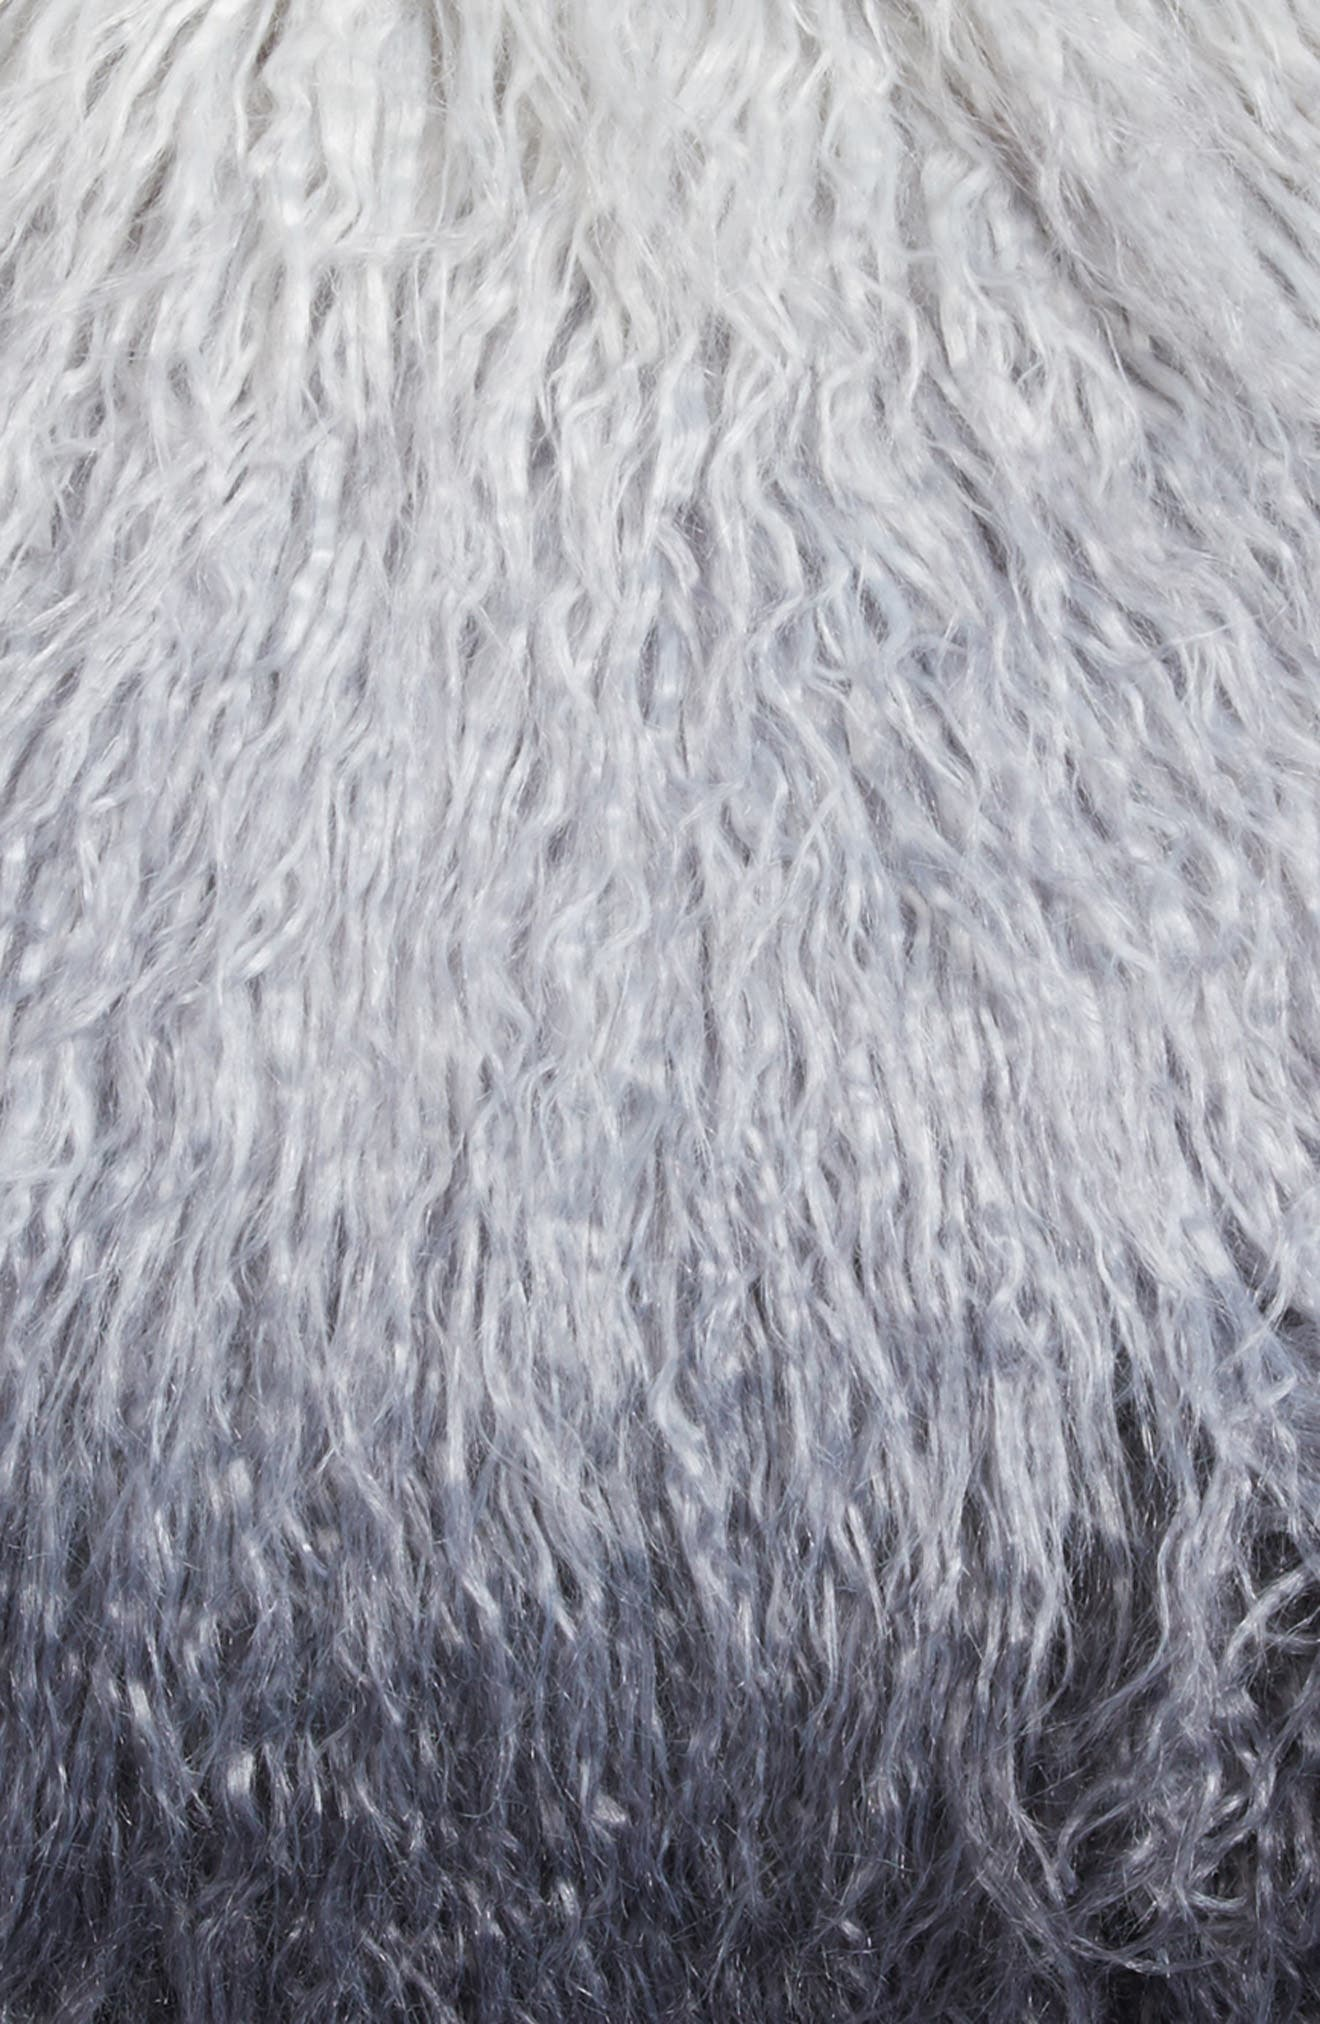 Ombré Faux Fur Flokati Accent Pillow,                             Alternate thumbnail 13, color,